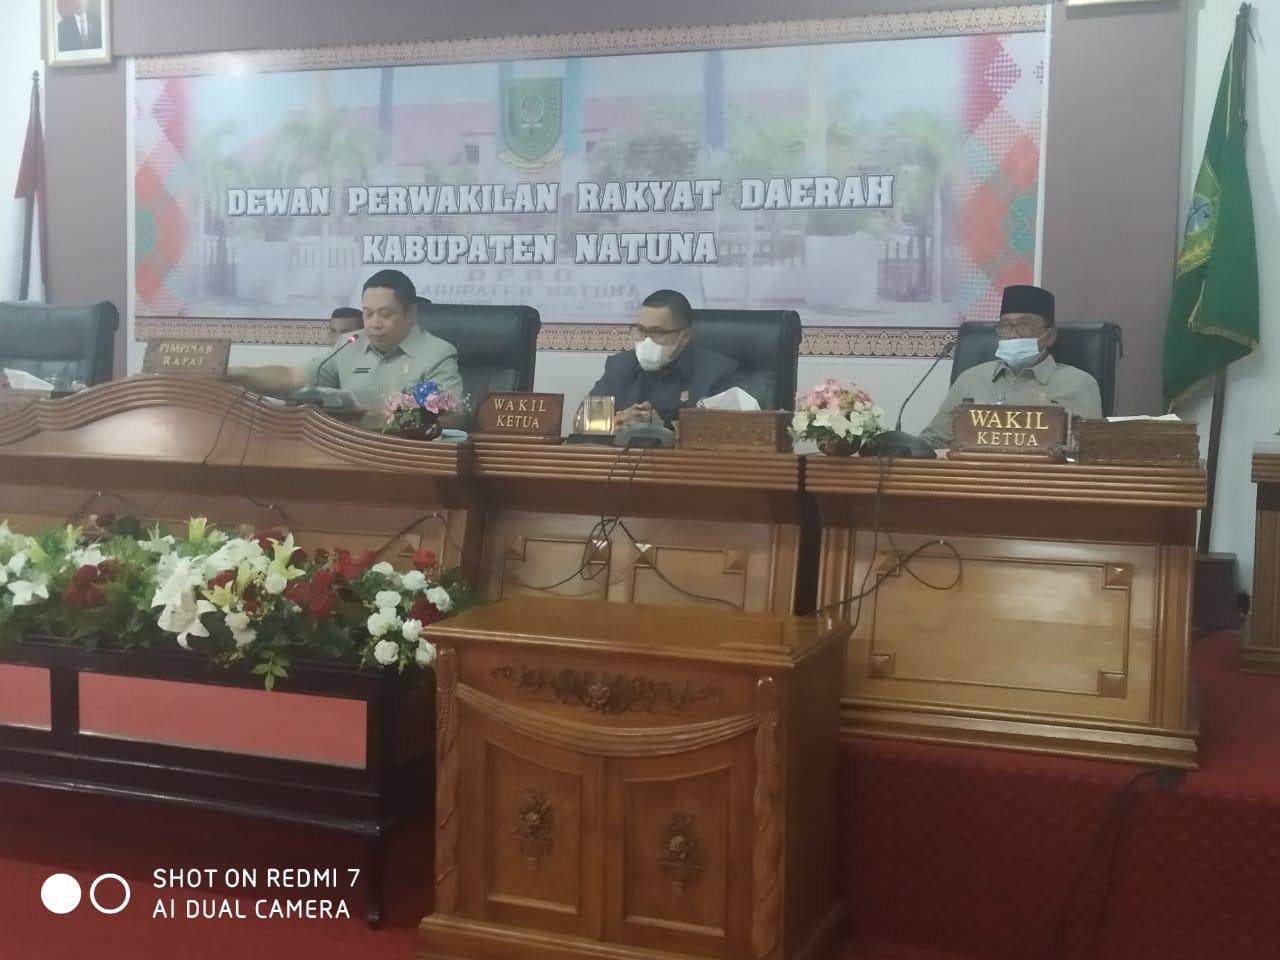 DPRD Natuna Tetepkan Pasangan  Wan siswandi dan Rodhial Huda Sebagai Kepala Daerah Terpilih Hasil Pemilukada Serentak Tahun 2020.